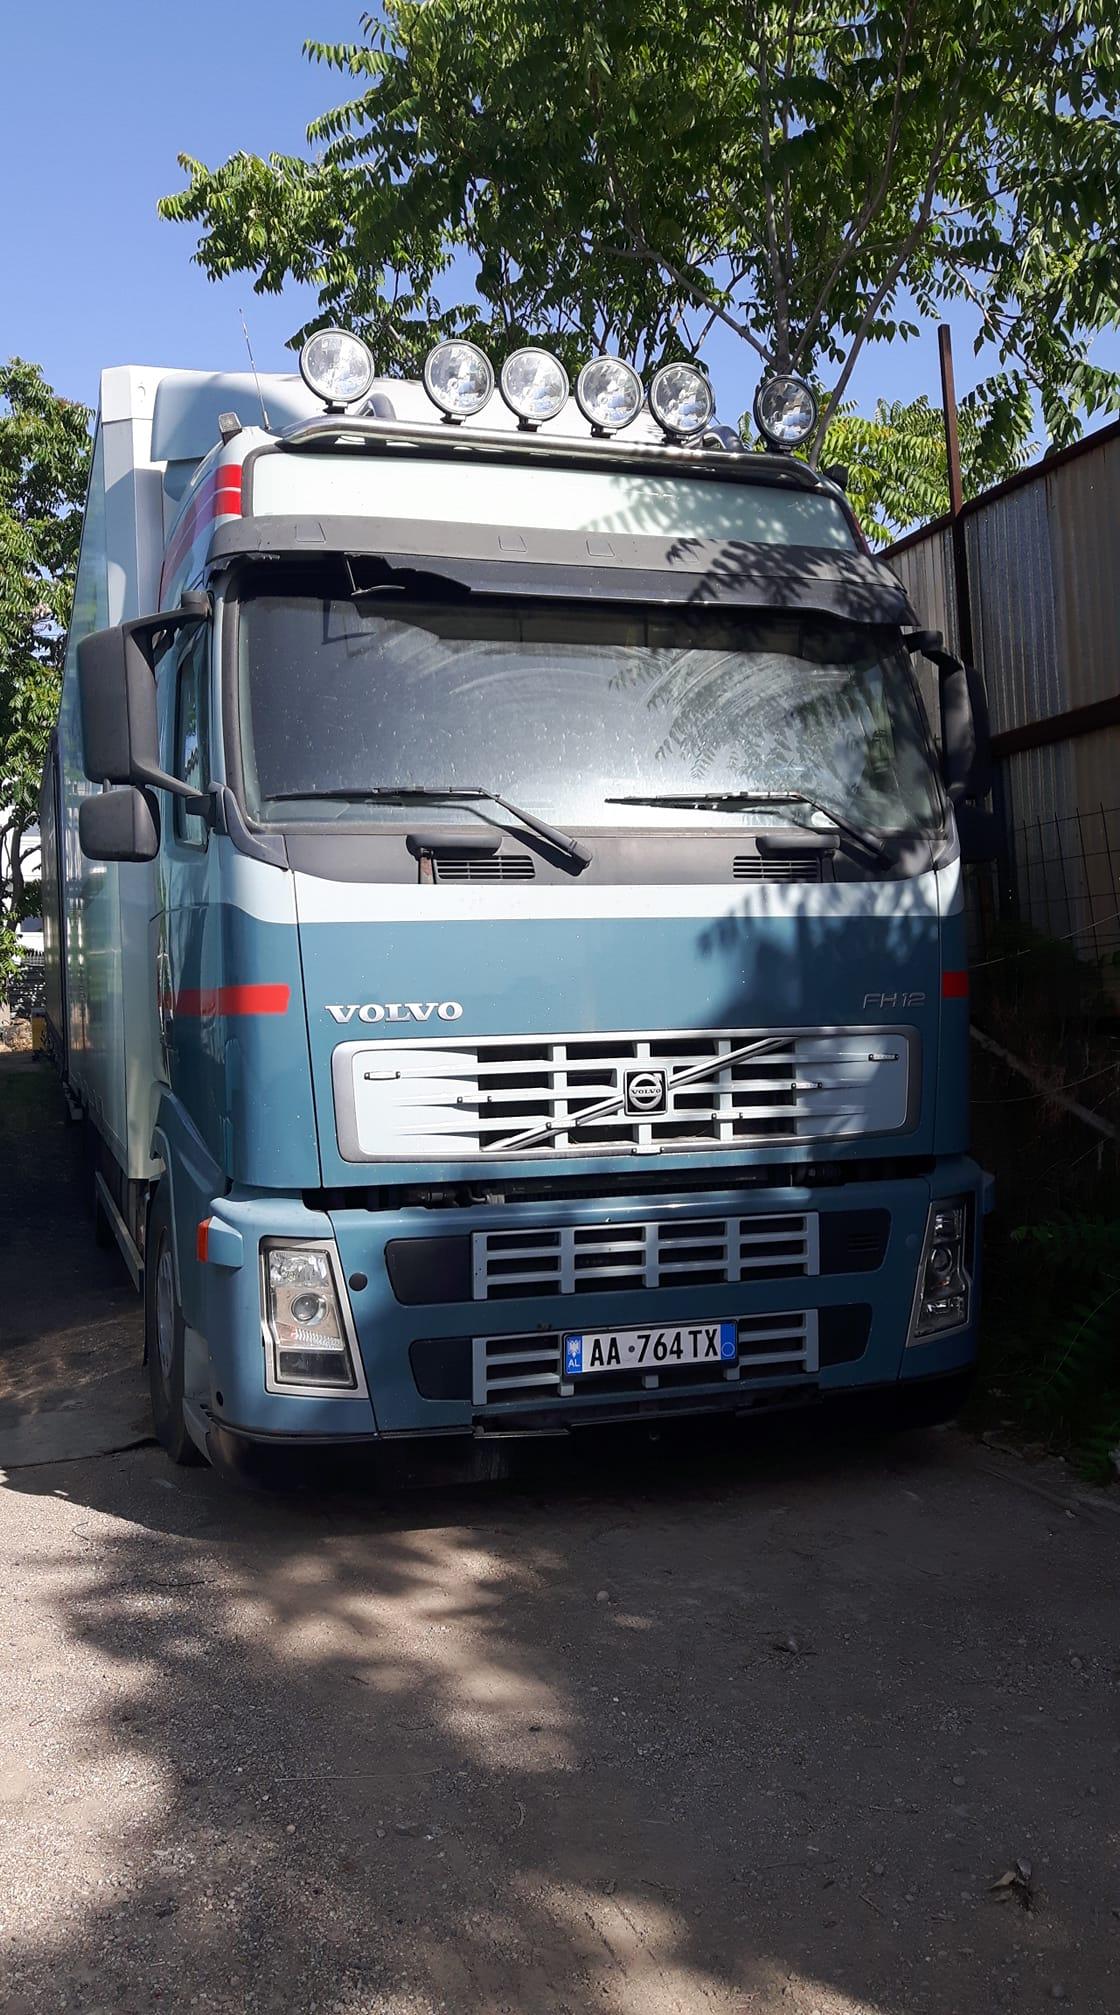 Volvo-in-Aspropirgos-Griekenland-Pierre-Dekkers-foto